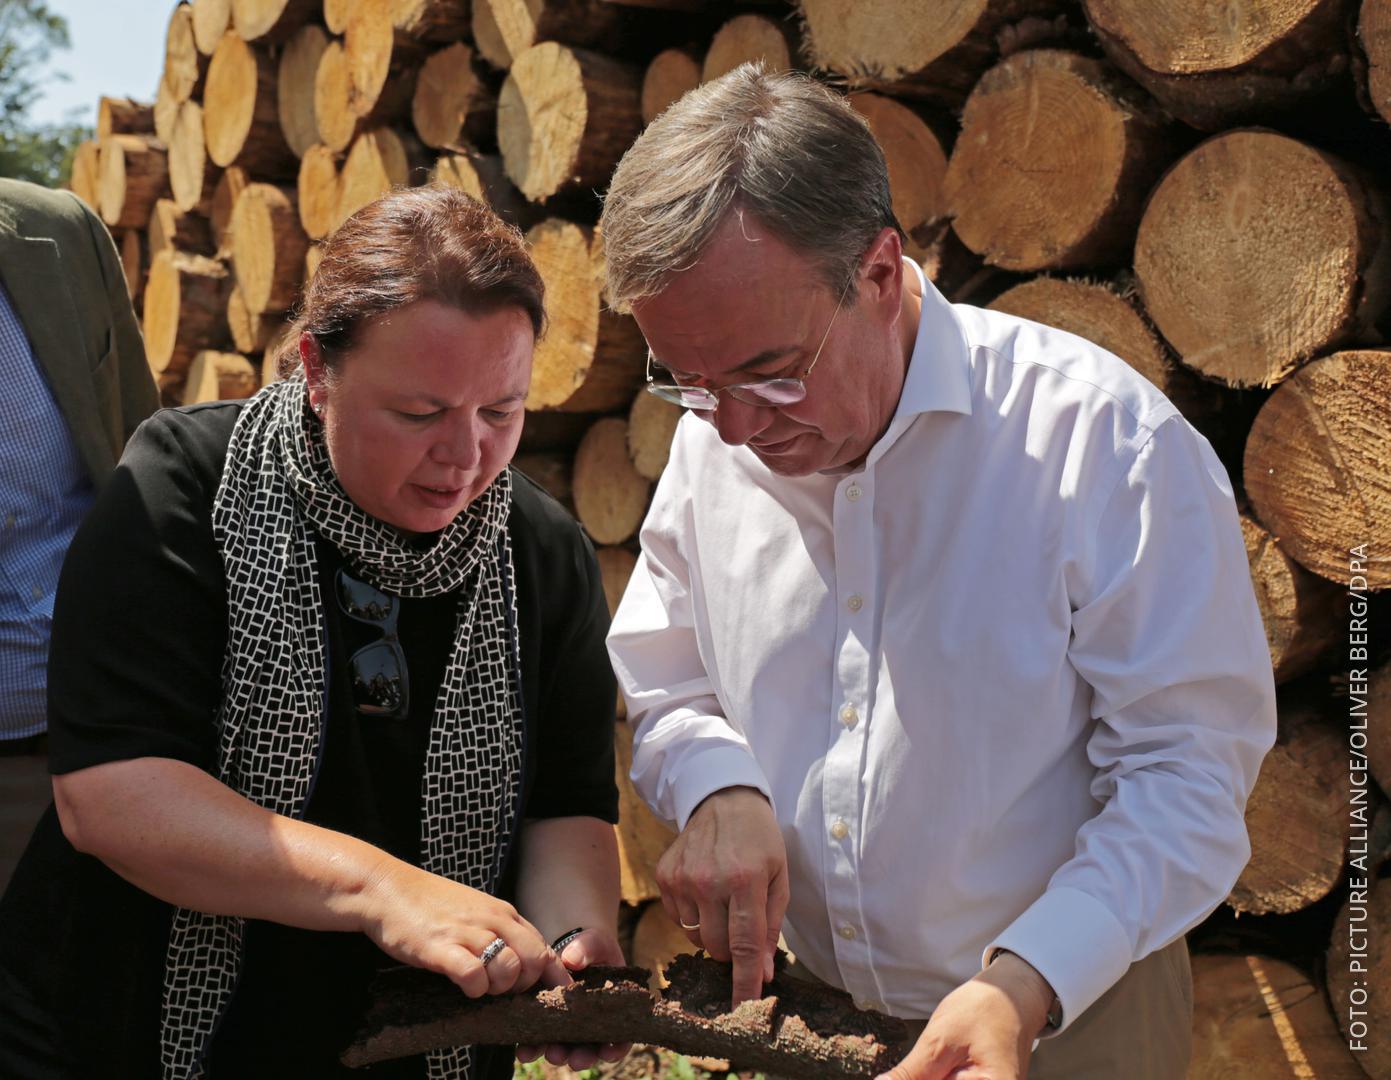 Laschet und Heinen-Esser begutachten Holz